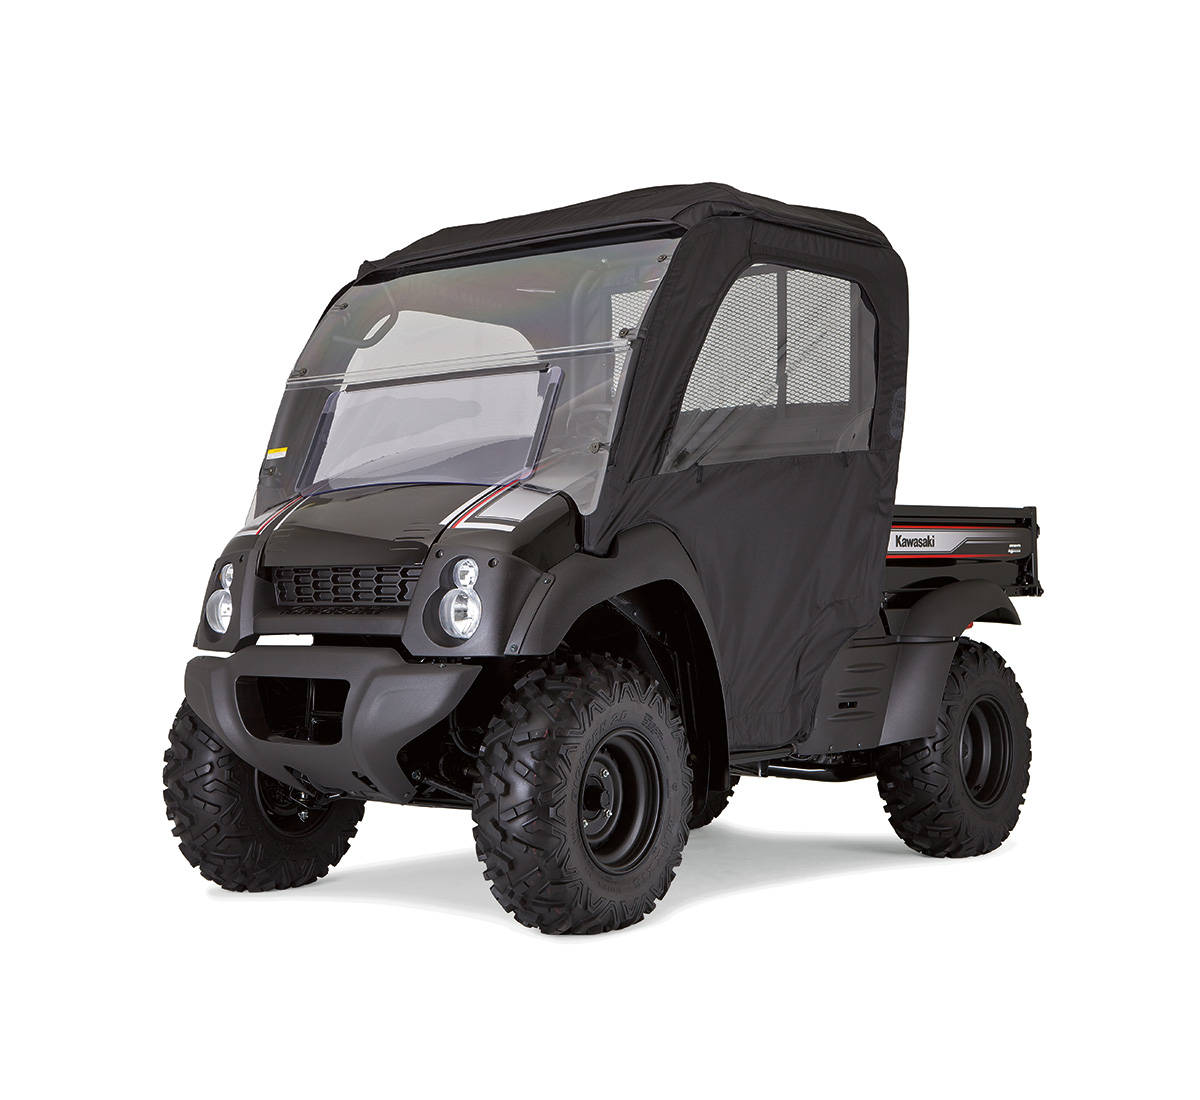 2011 Mule™ 610 4x4 XC Accessories